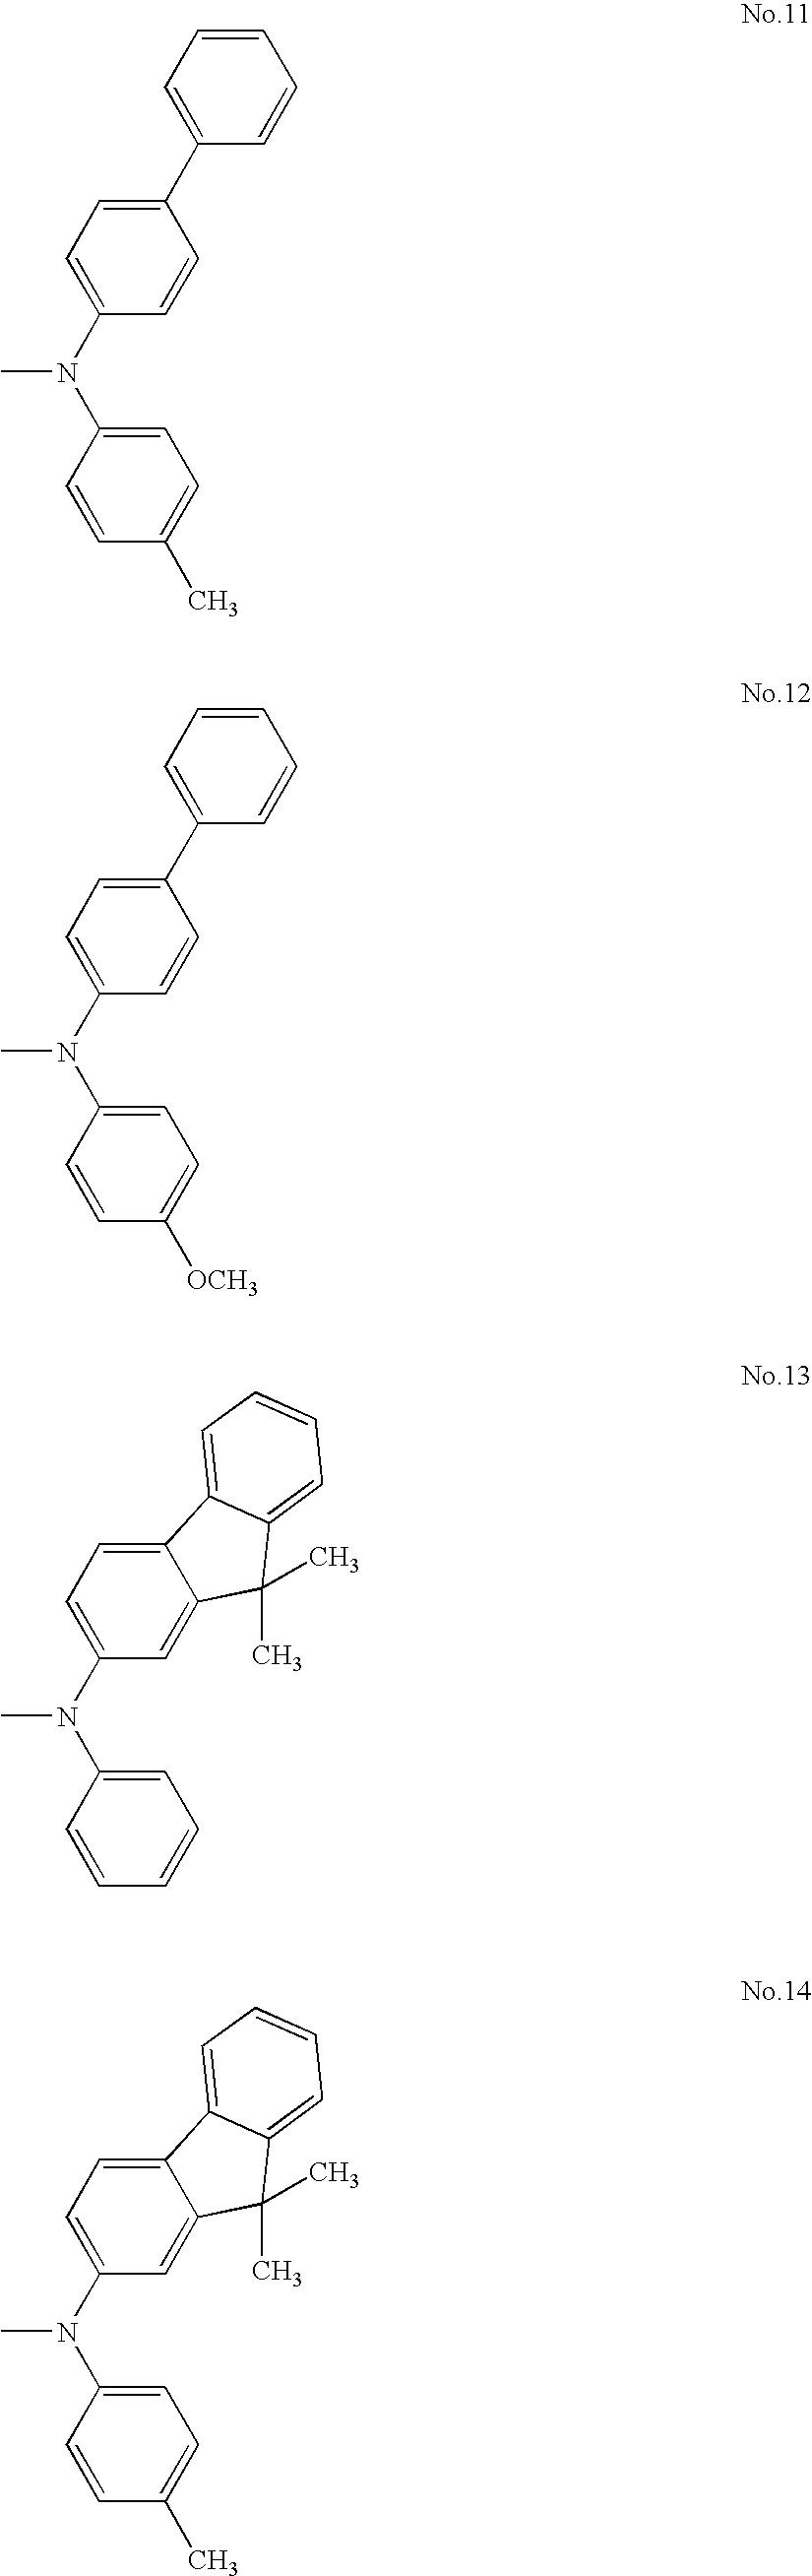 Figure US07629094-20091208-C00018